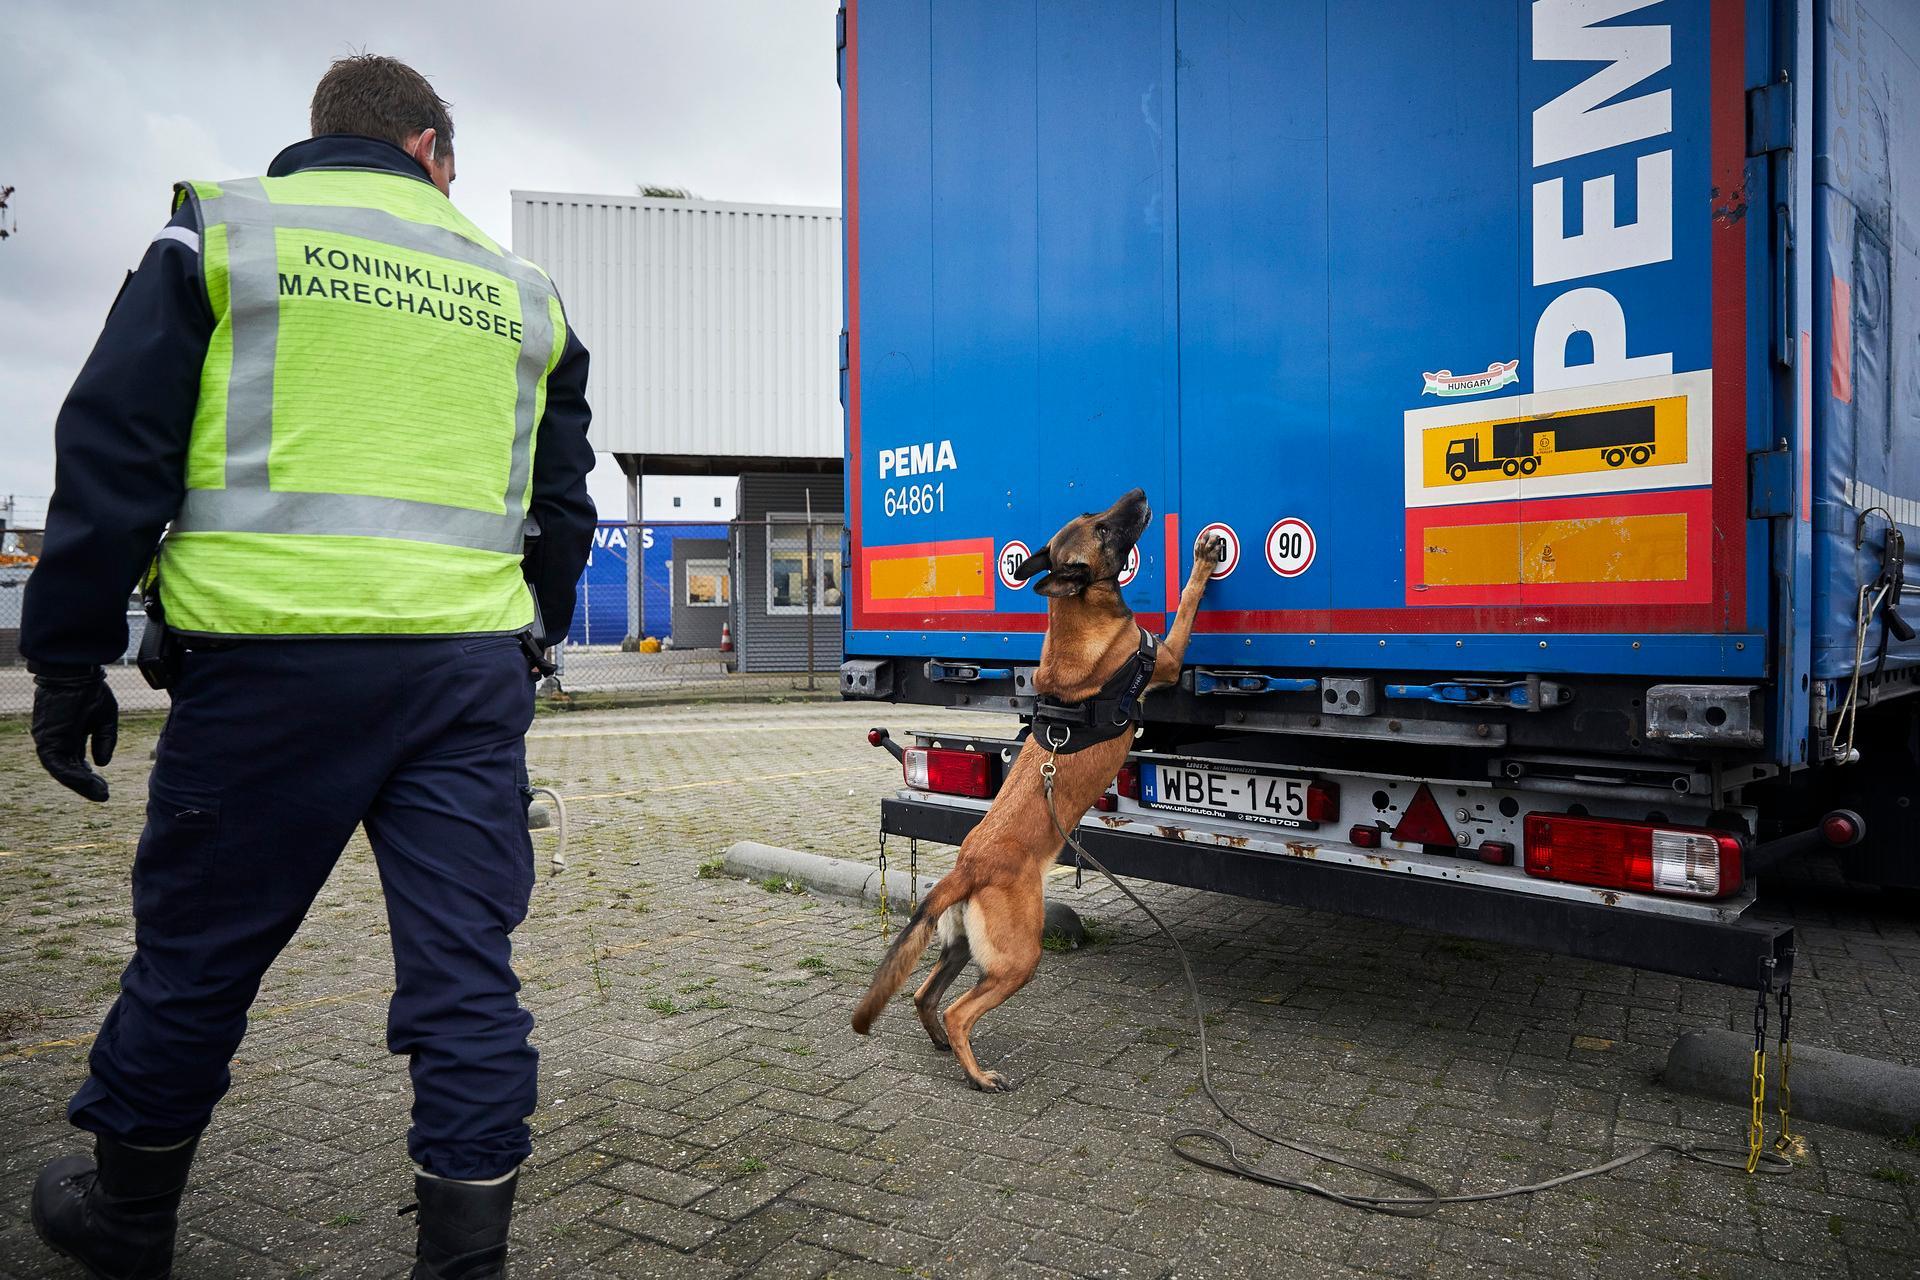 Een migratiehond werd gebruikt tijdens de actie. (Foto Twitter Koninklijke marechaussee)